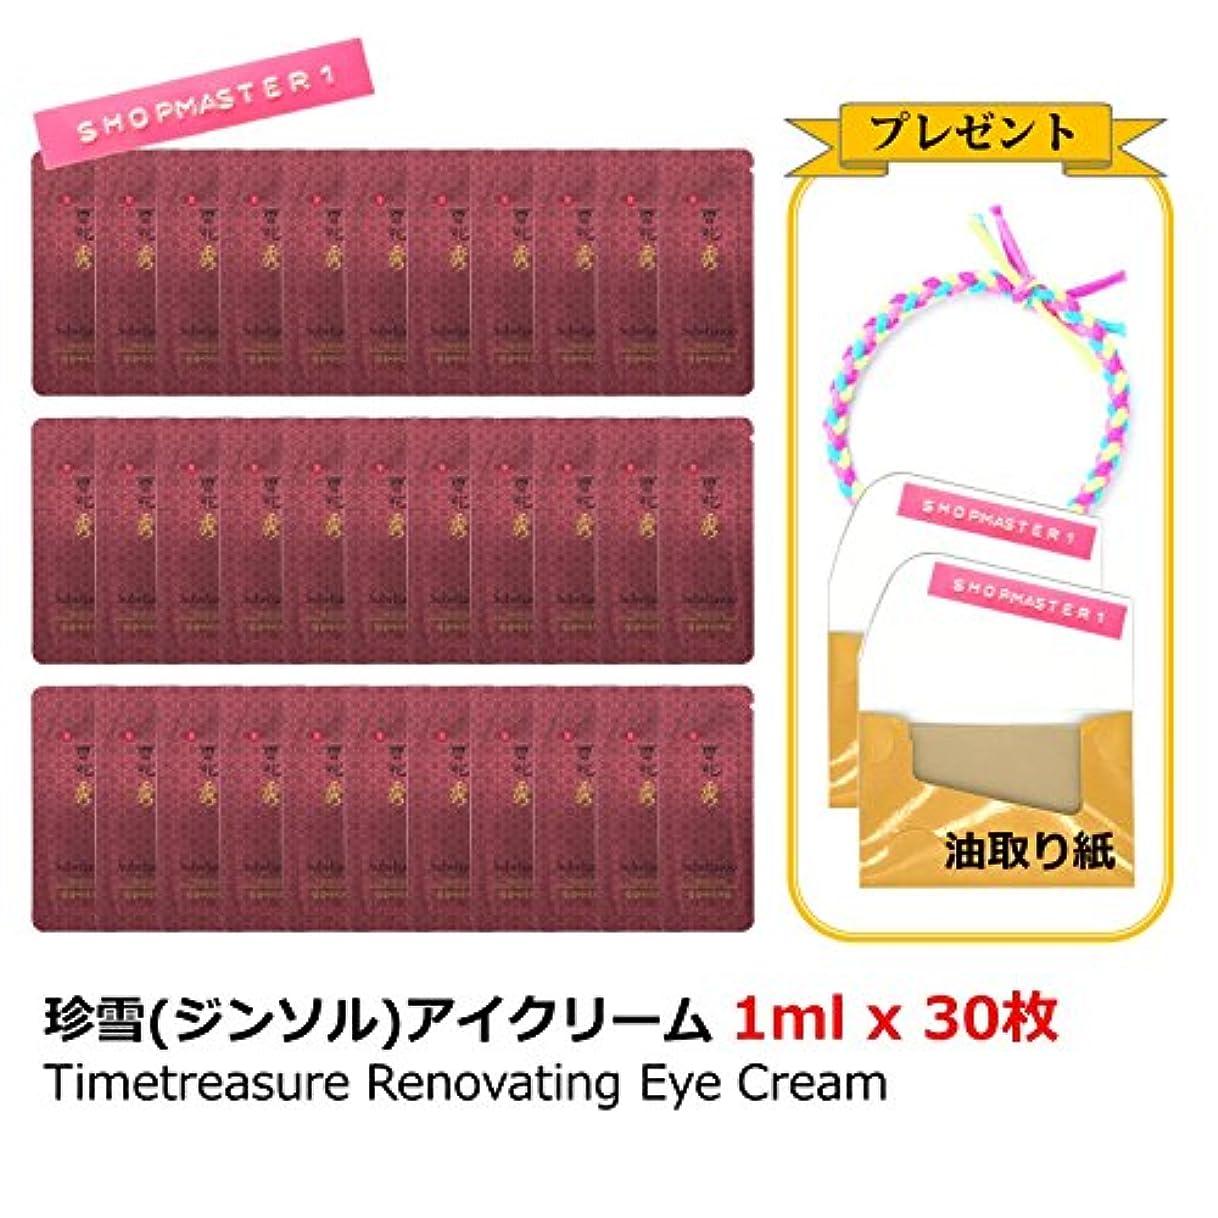 瞑想する広告上に築きます【Sulwhasoo ソルファス】珍雪(ジンソル)アイクリーム 1ml x 30枚 Timetreasure Renovating Eye Cream / プレゼント 油取り紙 2個(25枚ずつ)、ヘアタイ / 海外直配送...